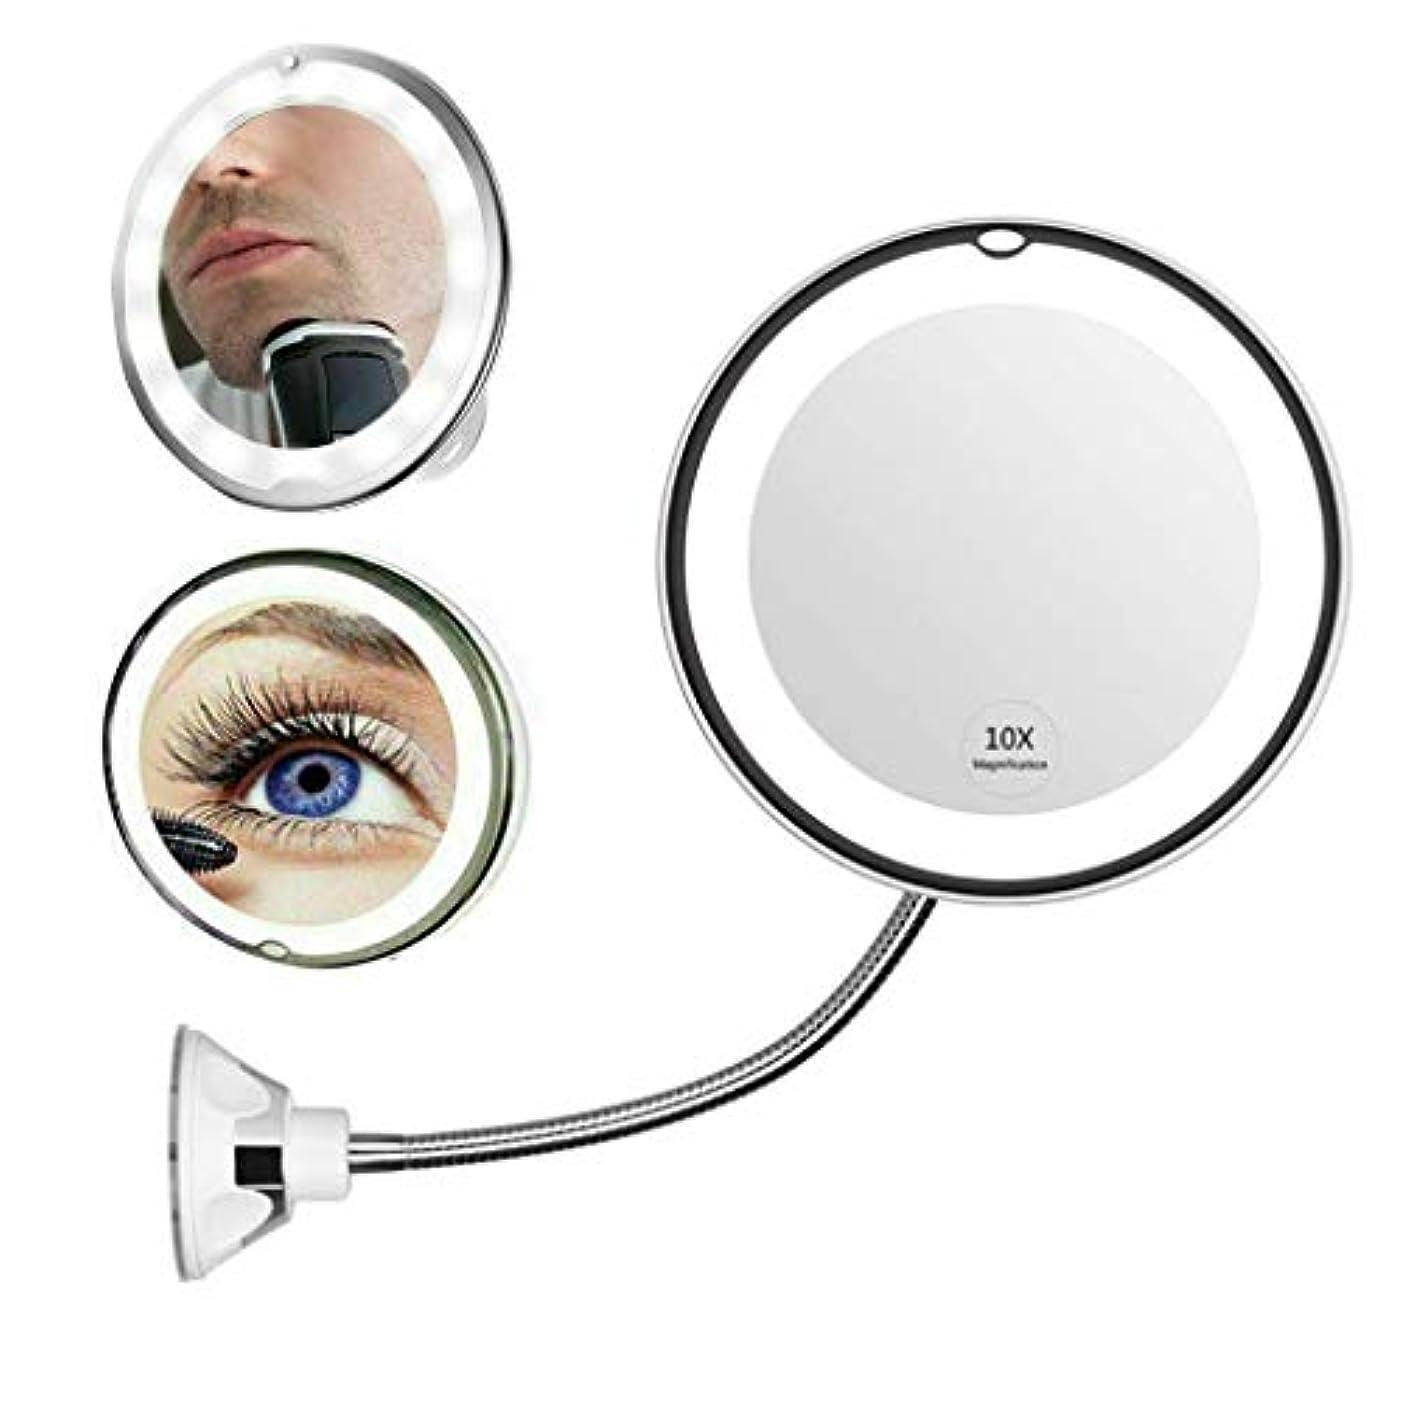 病者光沢指紋Vanity Mirror 10X拡大化粧鏡LED照明付き化粧鏡フィルライトナイトランプ、360°スイベル&ホームシャワー用サクションカップバスルーム